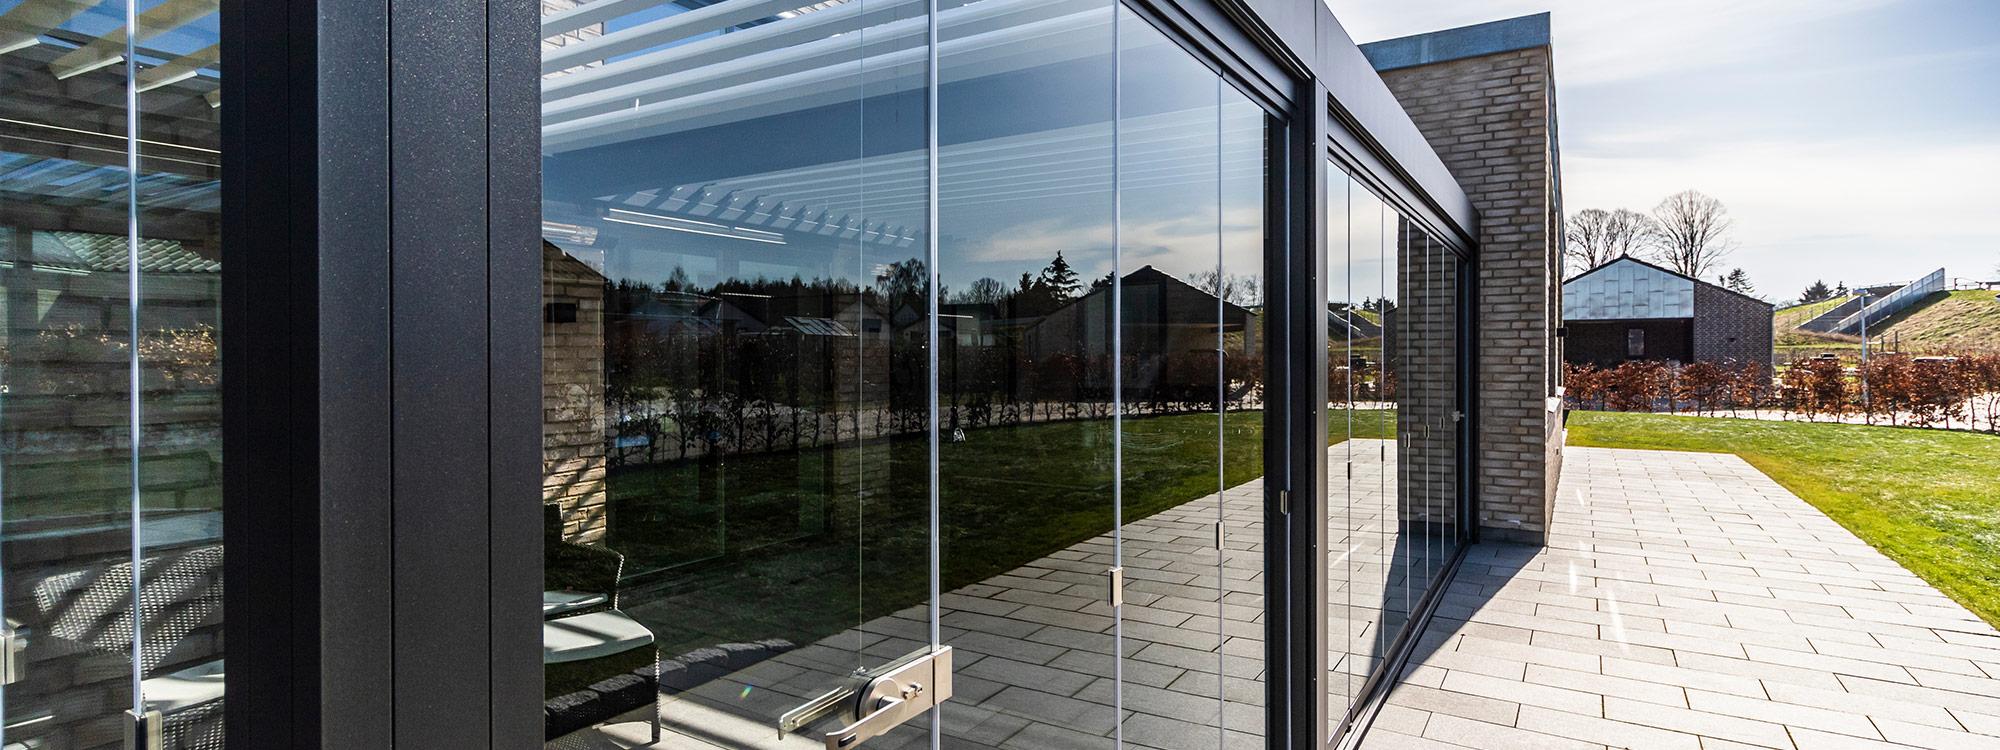 glasinddækninger og værn